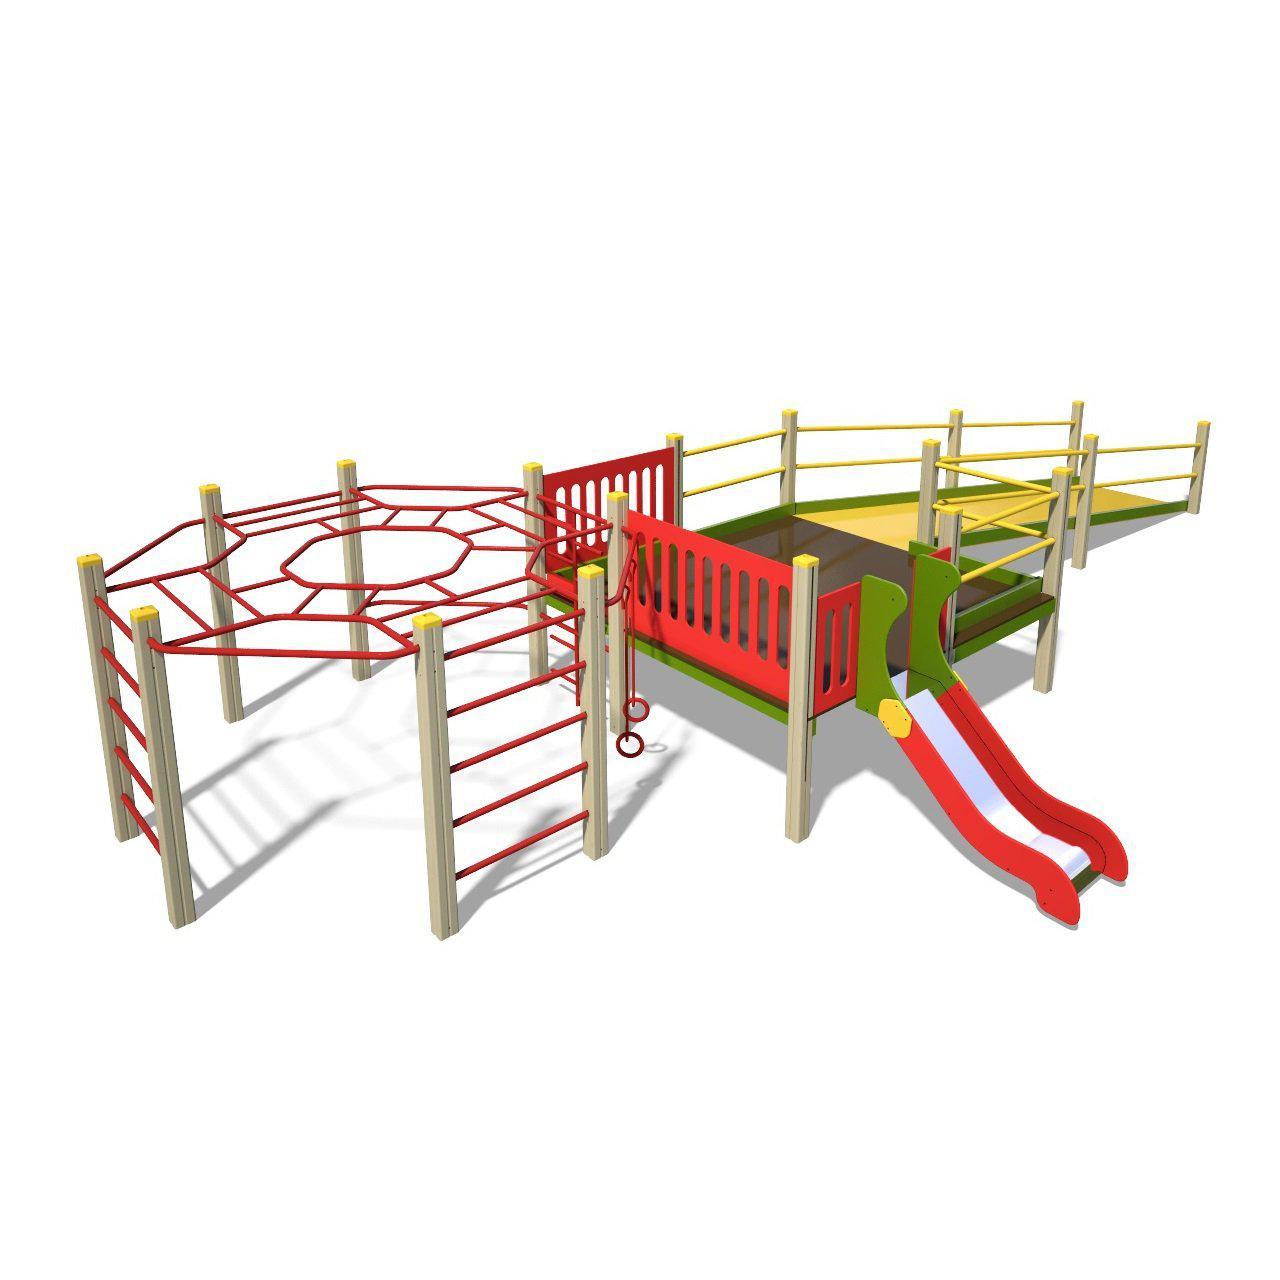 Игровой комплекс для детей с ограниченными физическими возможностями